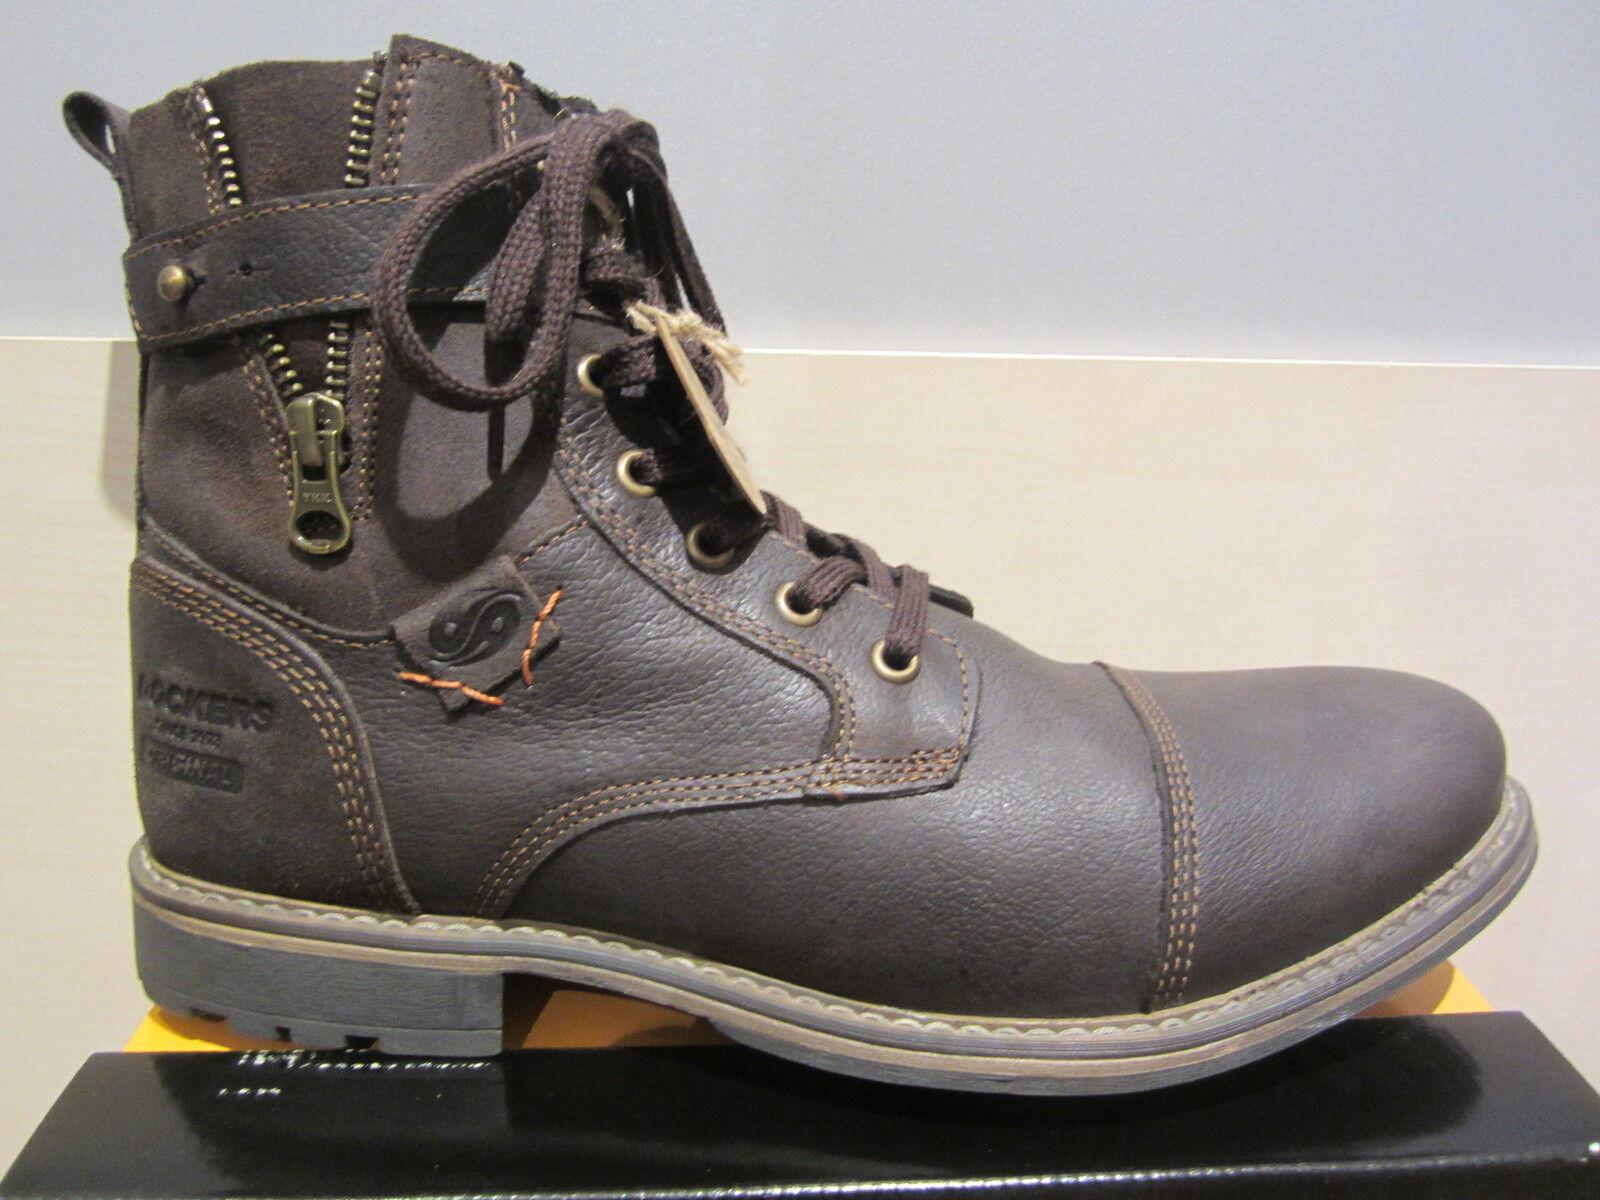 Dockers Stiefel, Reißverschluss, braun, Echtleder, Stofffutter, NEU